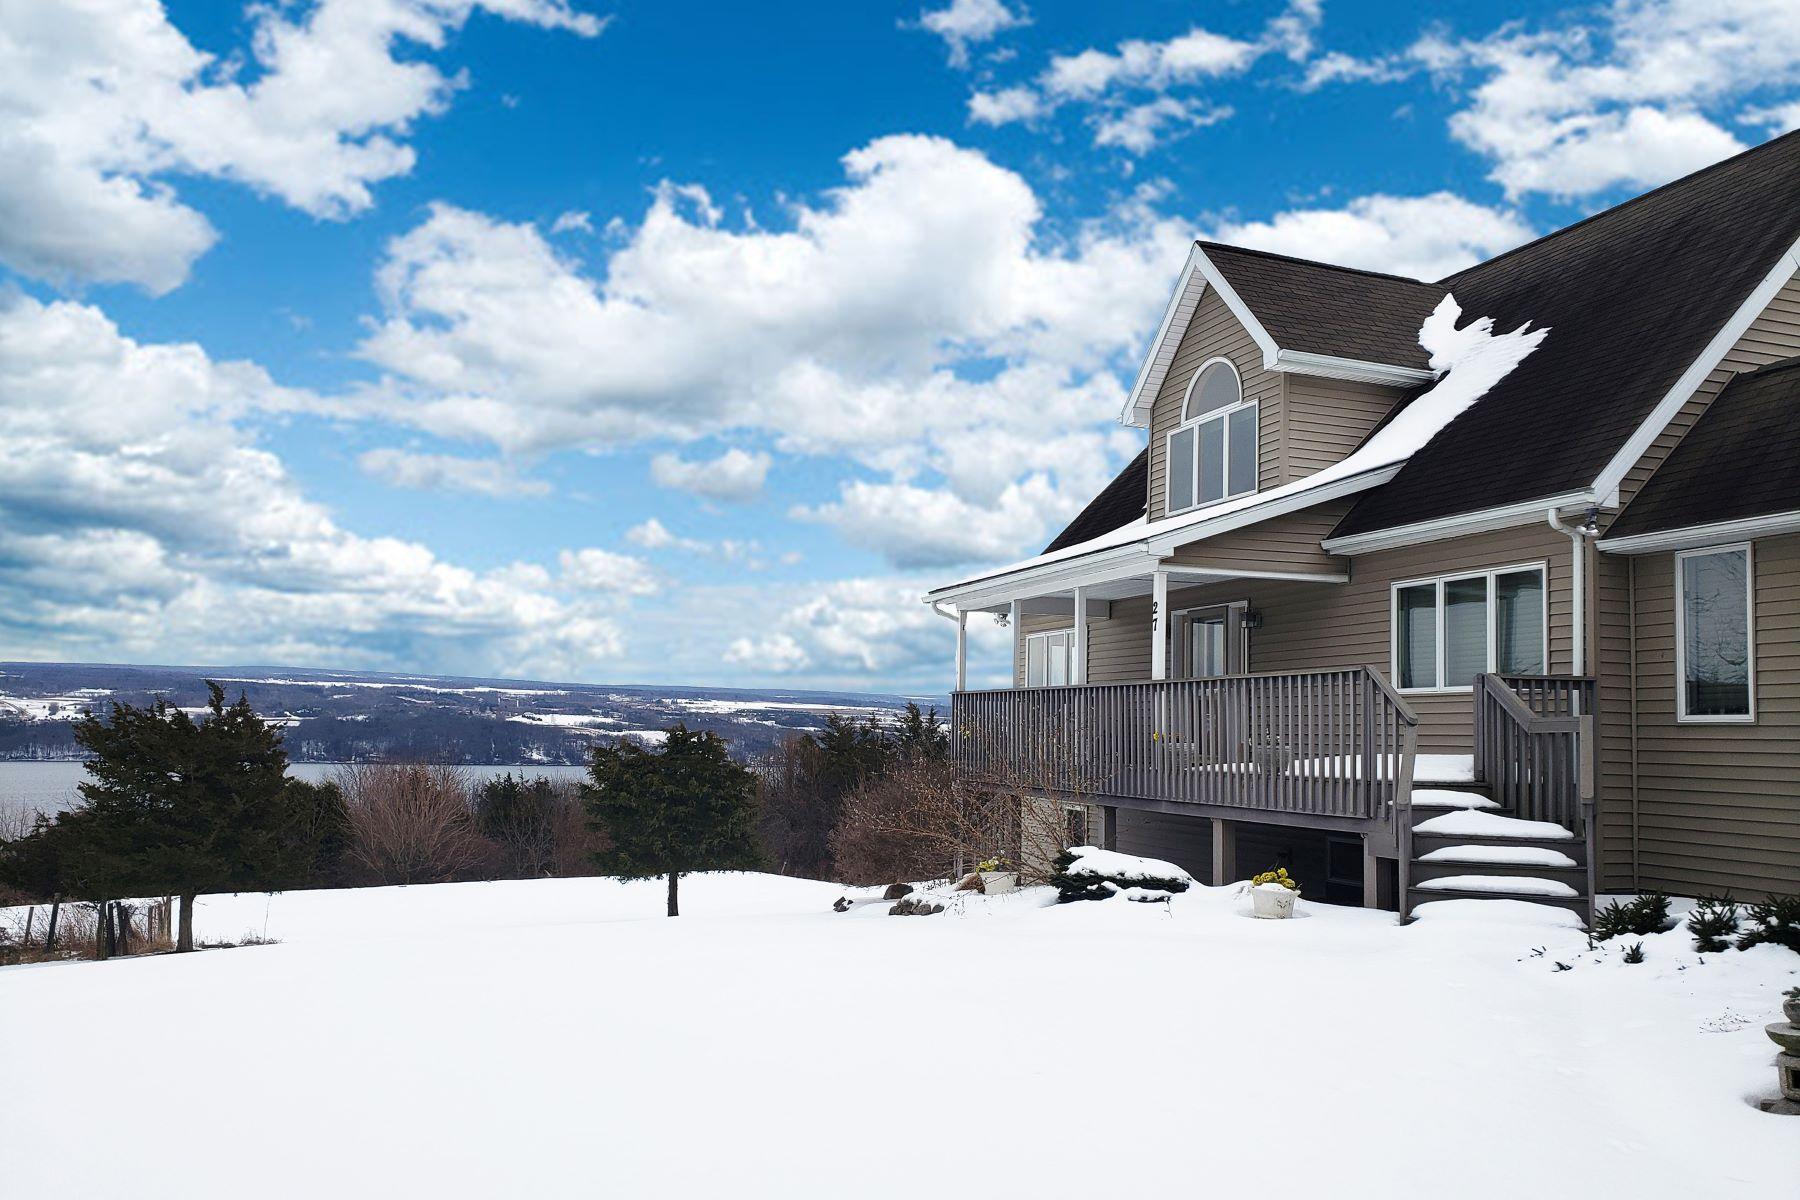 Single Family Homes for Sale at Indulgence on Seneca Lake 27 Buttonwood Lane Starkey, New York 14837 United States